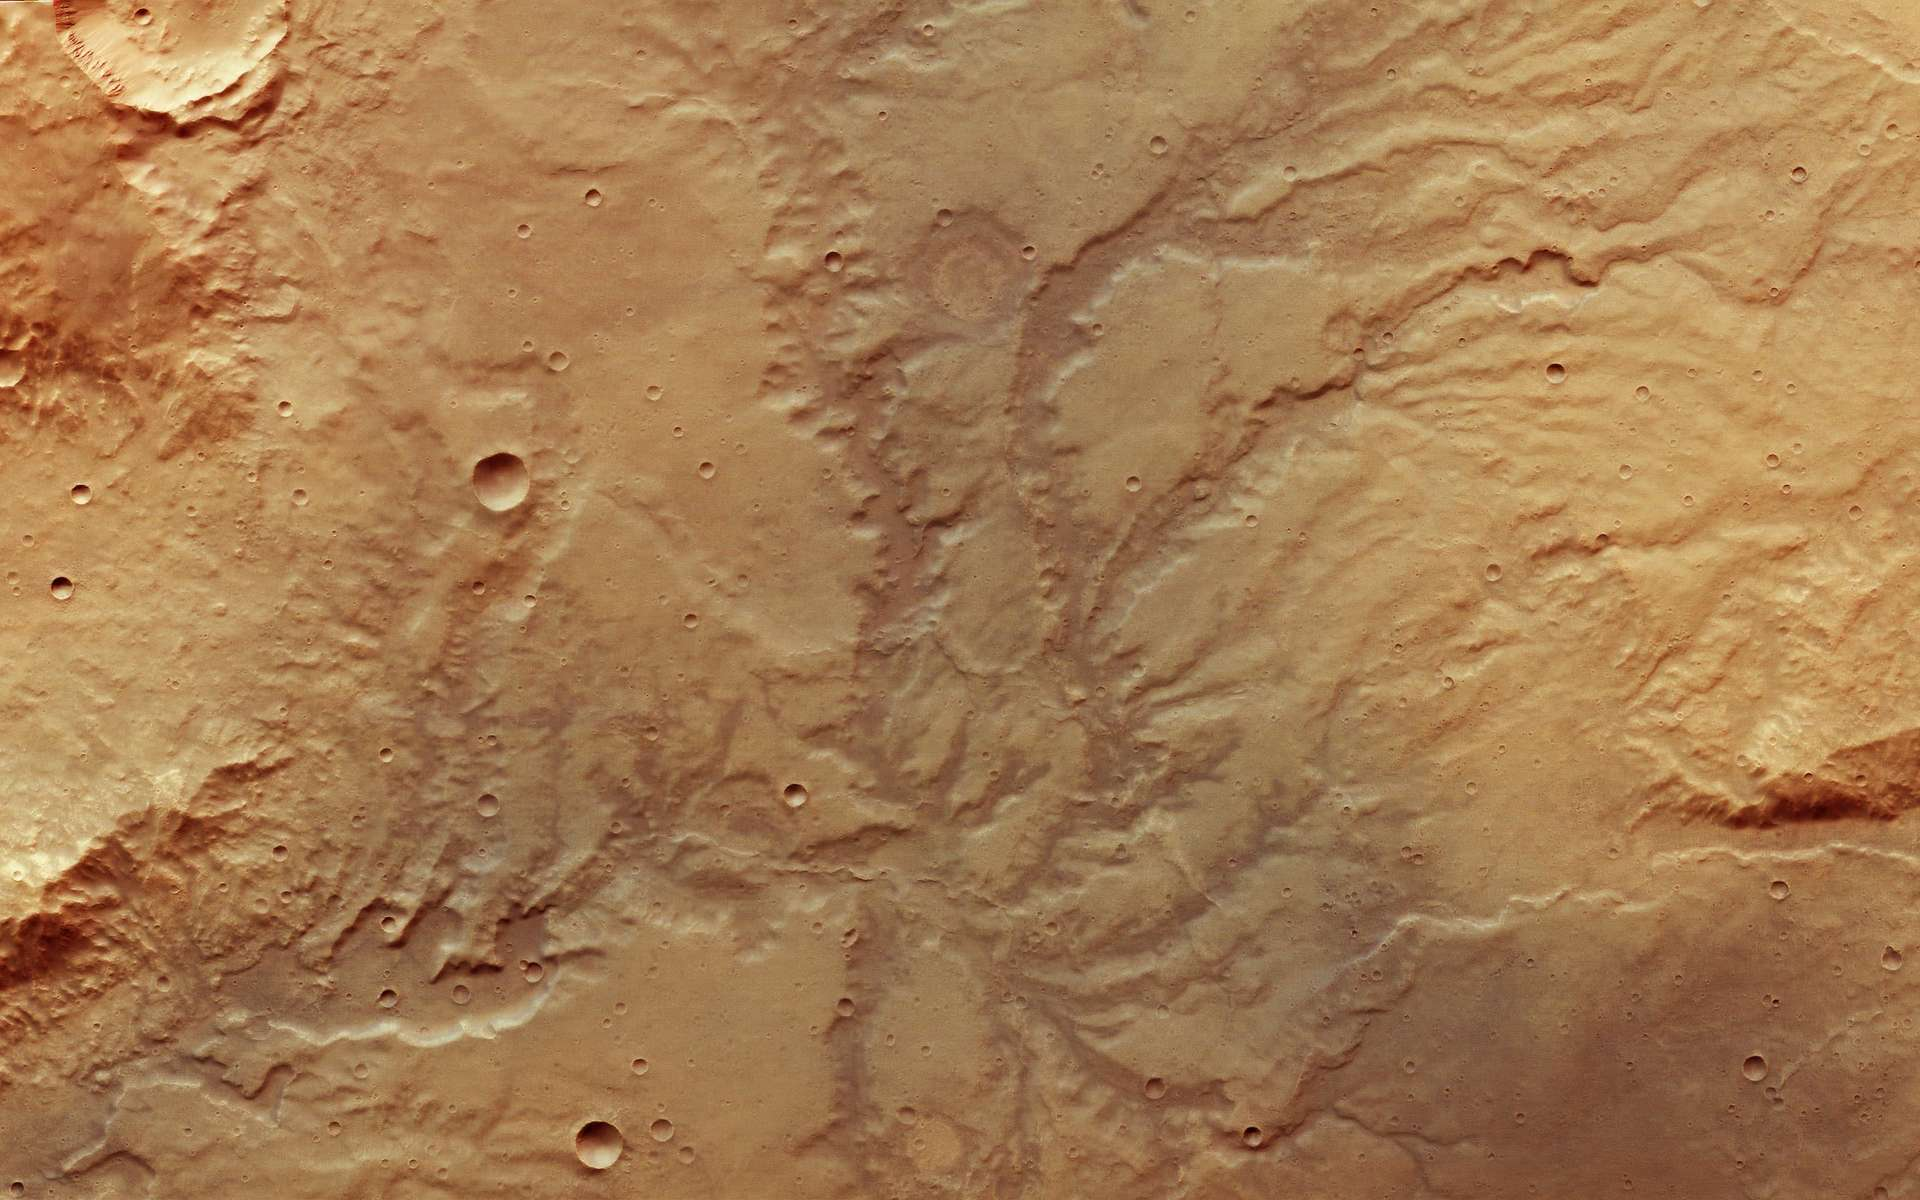 À la surface de Mars, réseau de rivières asséchées photographié par la sonde Mars Express. © ESA, DLR, FU Berlin, CC by-sa 3.0 IGO